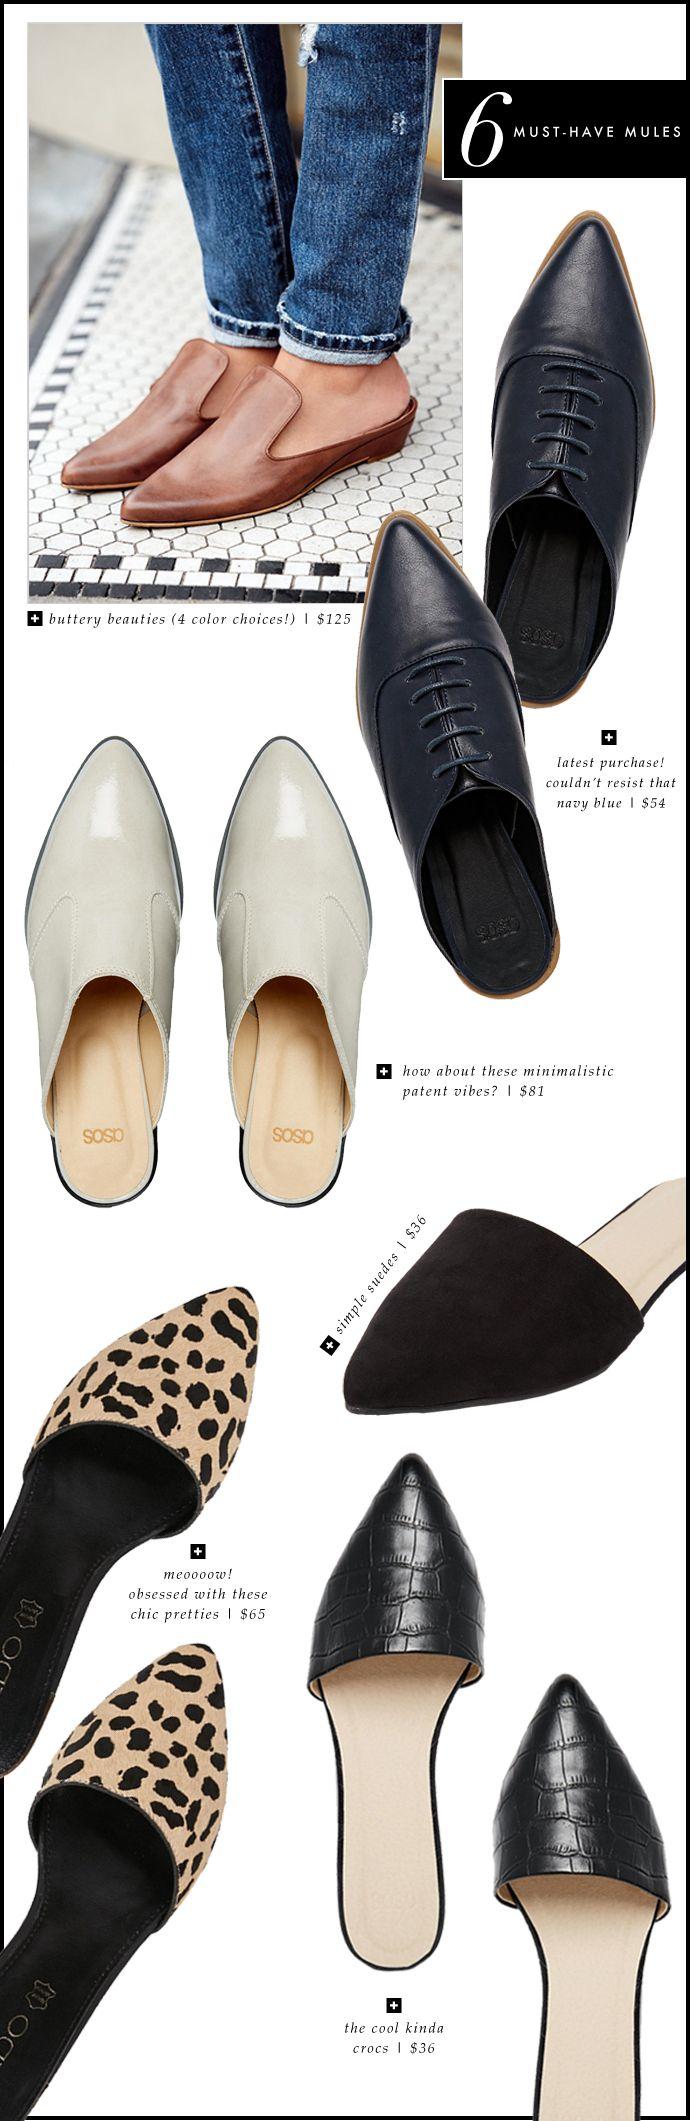 Mule: chinelo feminino de quarto, com salto alto e gáspea orlada com pêlo de visom; popular na década de 1940. Ainda aparece na moda atual em versões mais leves e baixinhas (tamancos e babouches).